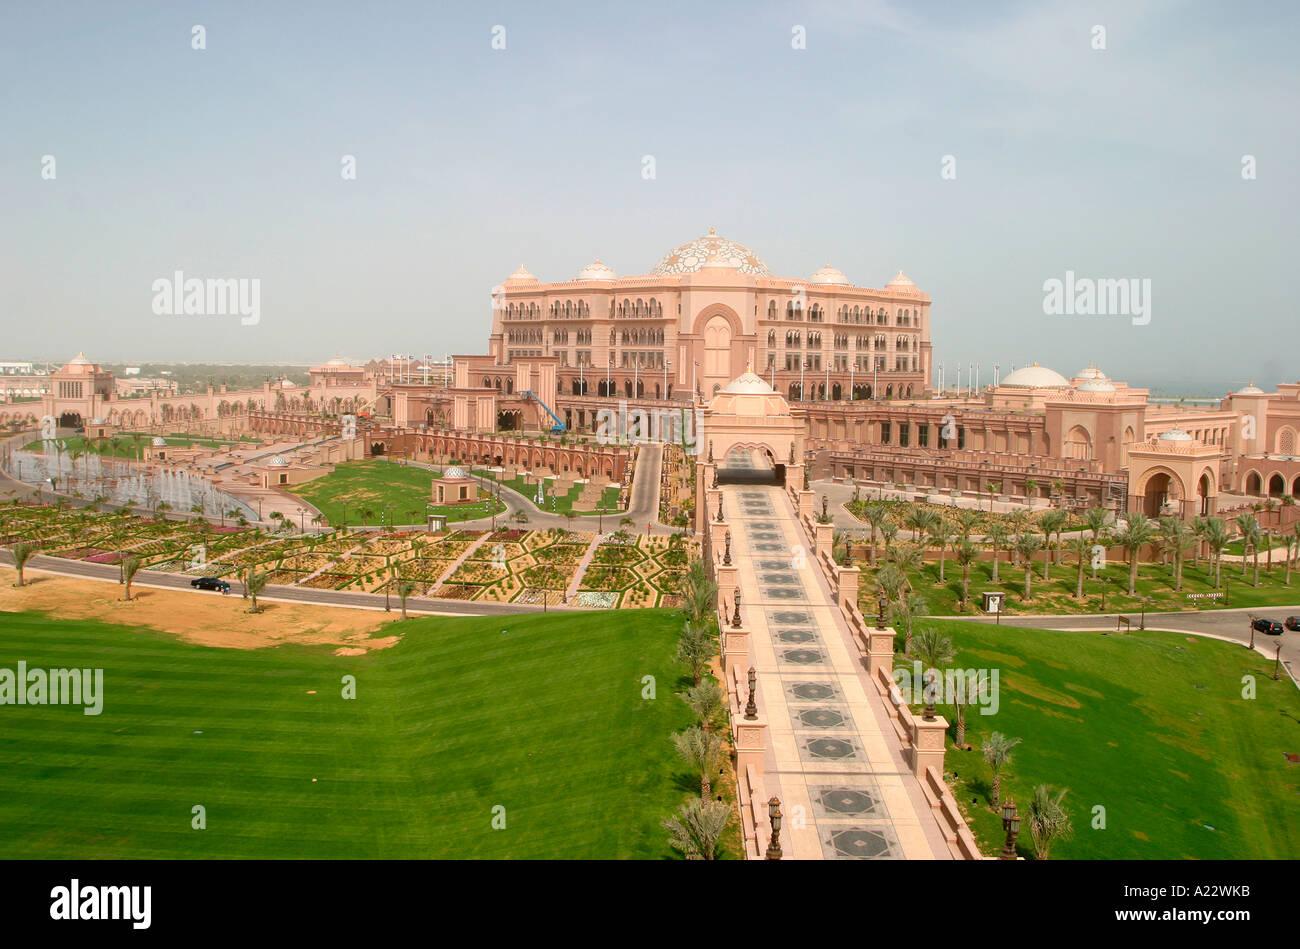 palace abu dhabi hotel